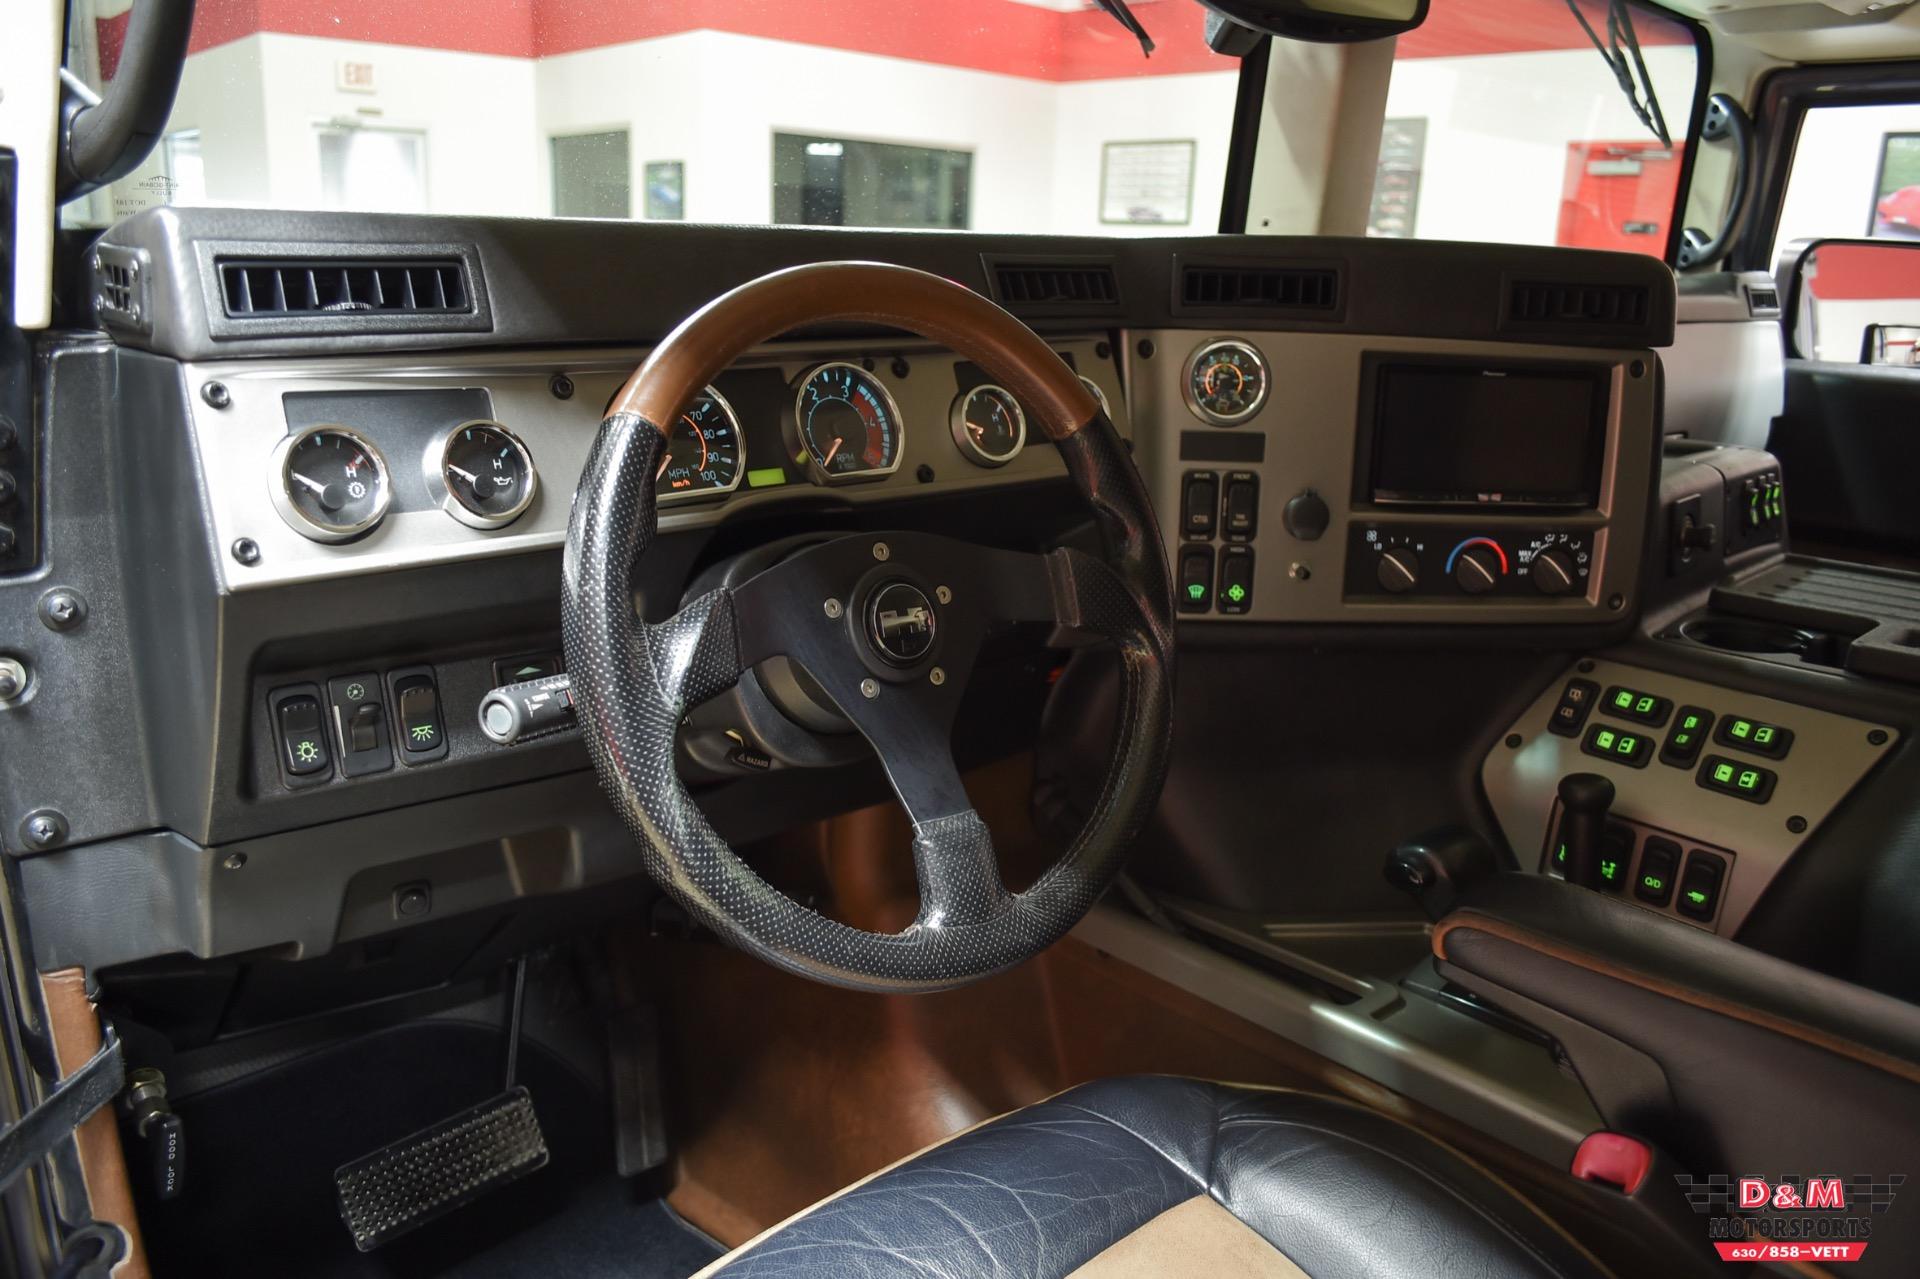 Used 2006 Hummer H1 Alpha Wagon   Glen Ellyn, IL